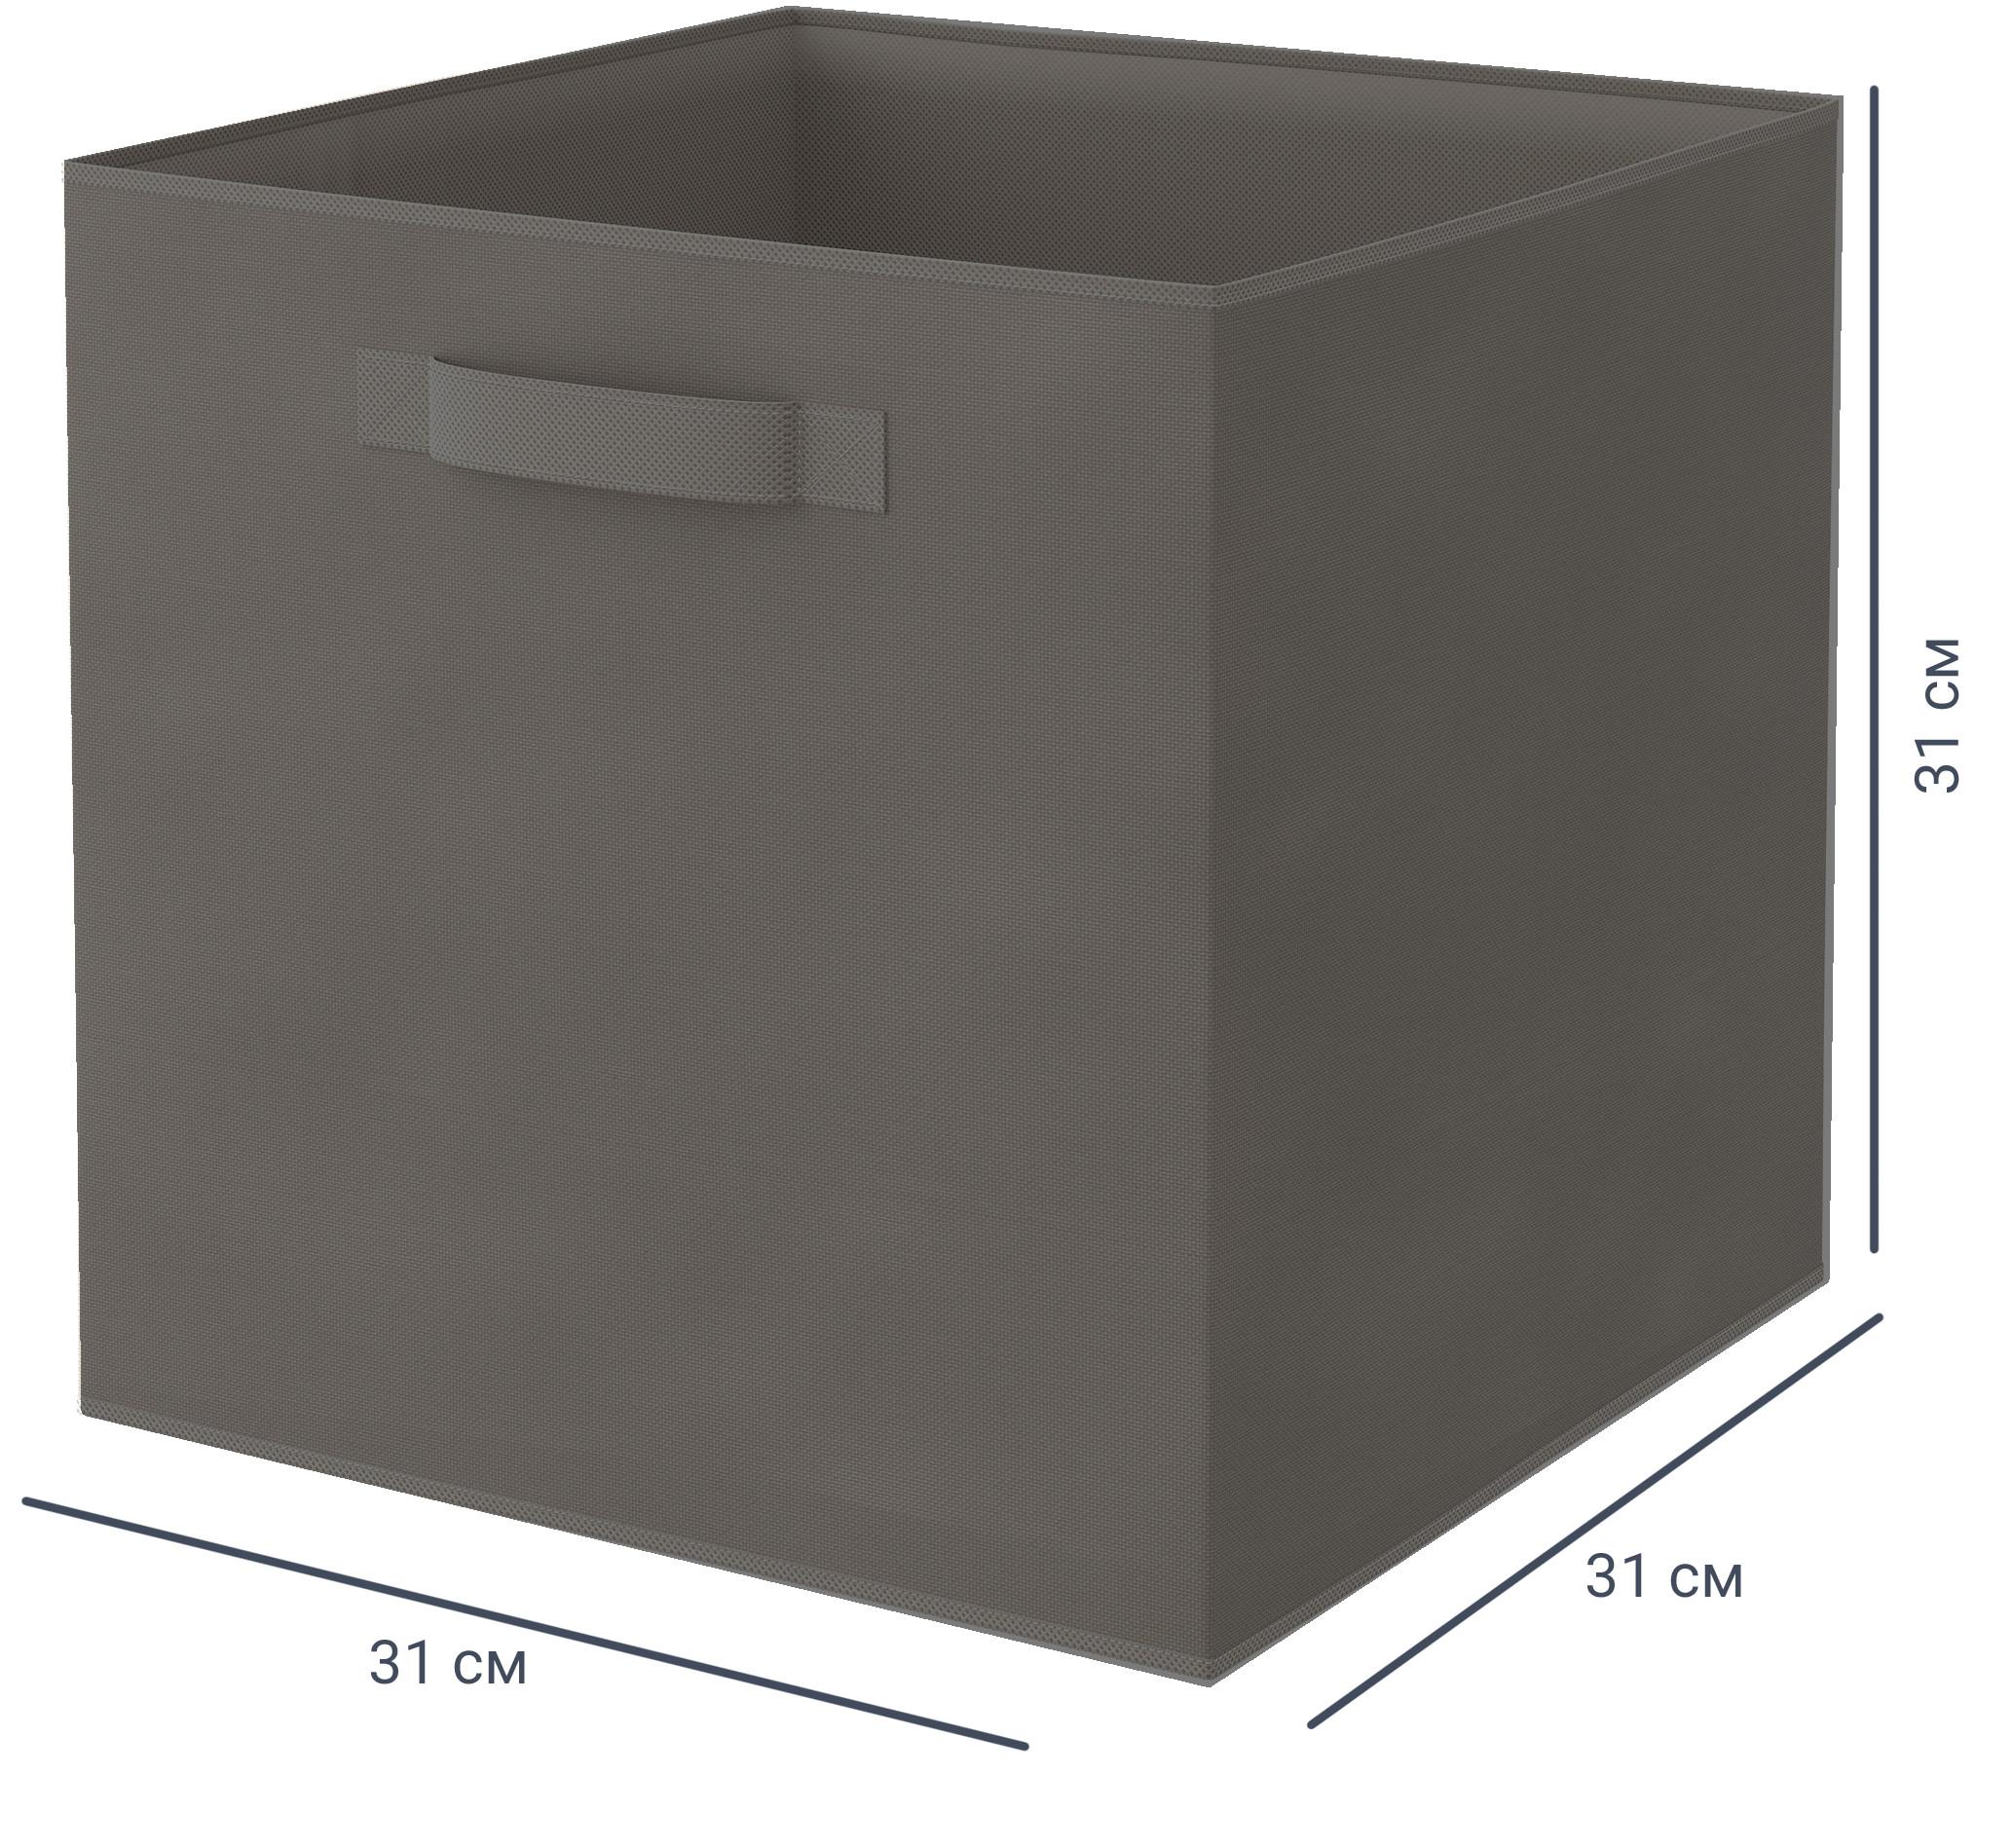 Короб Spaceo Granit, 310х310х310 мм, 29.7 л, нетканый полиэстер, цвет серый